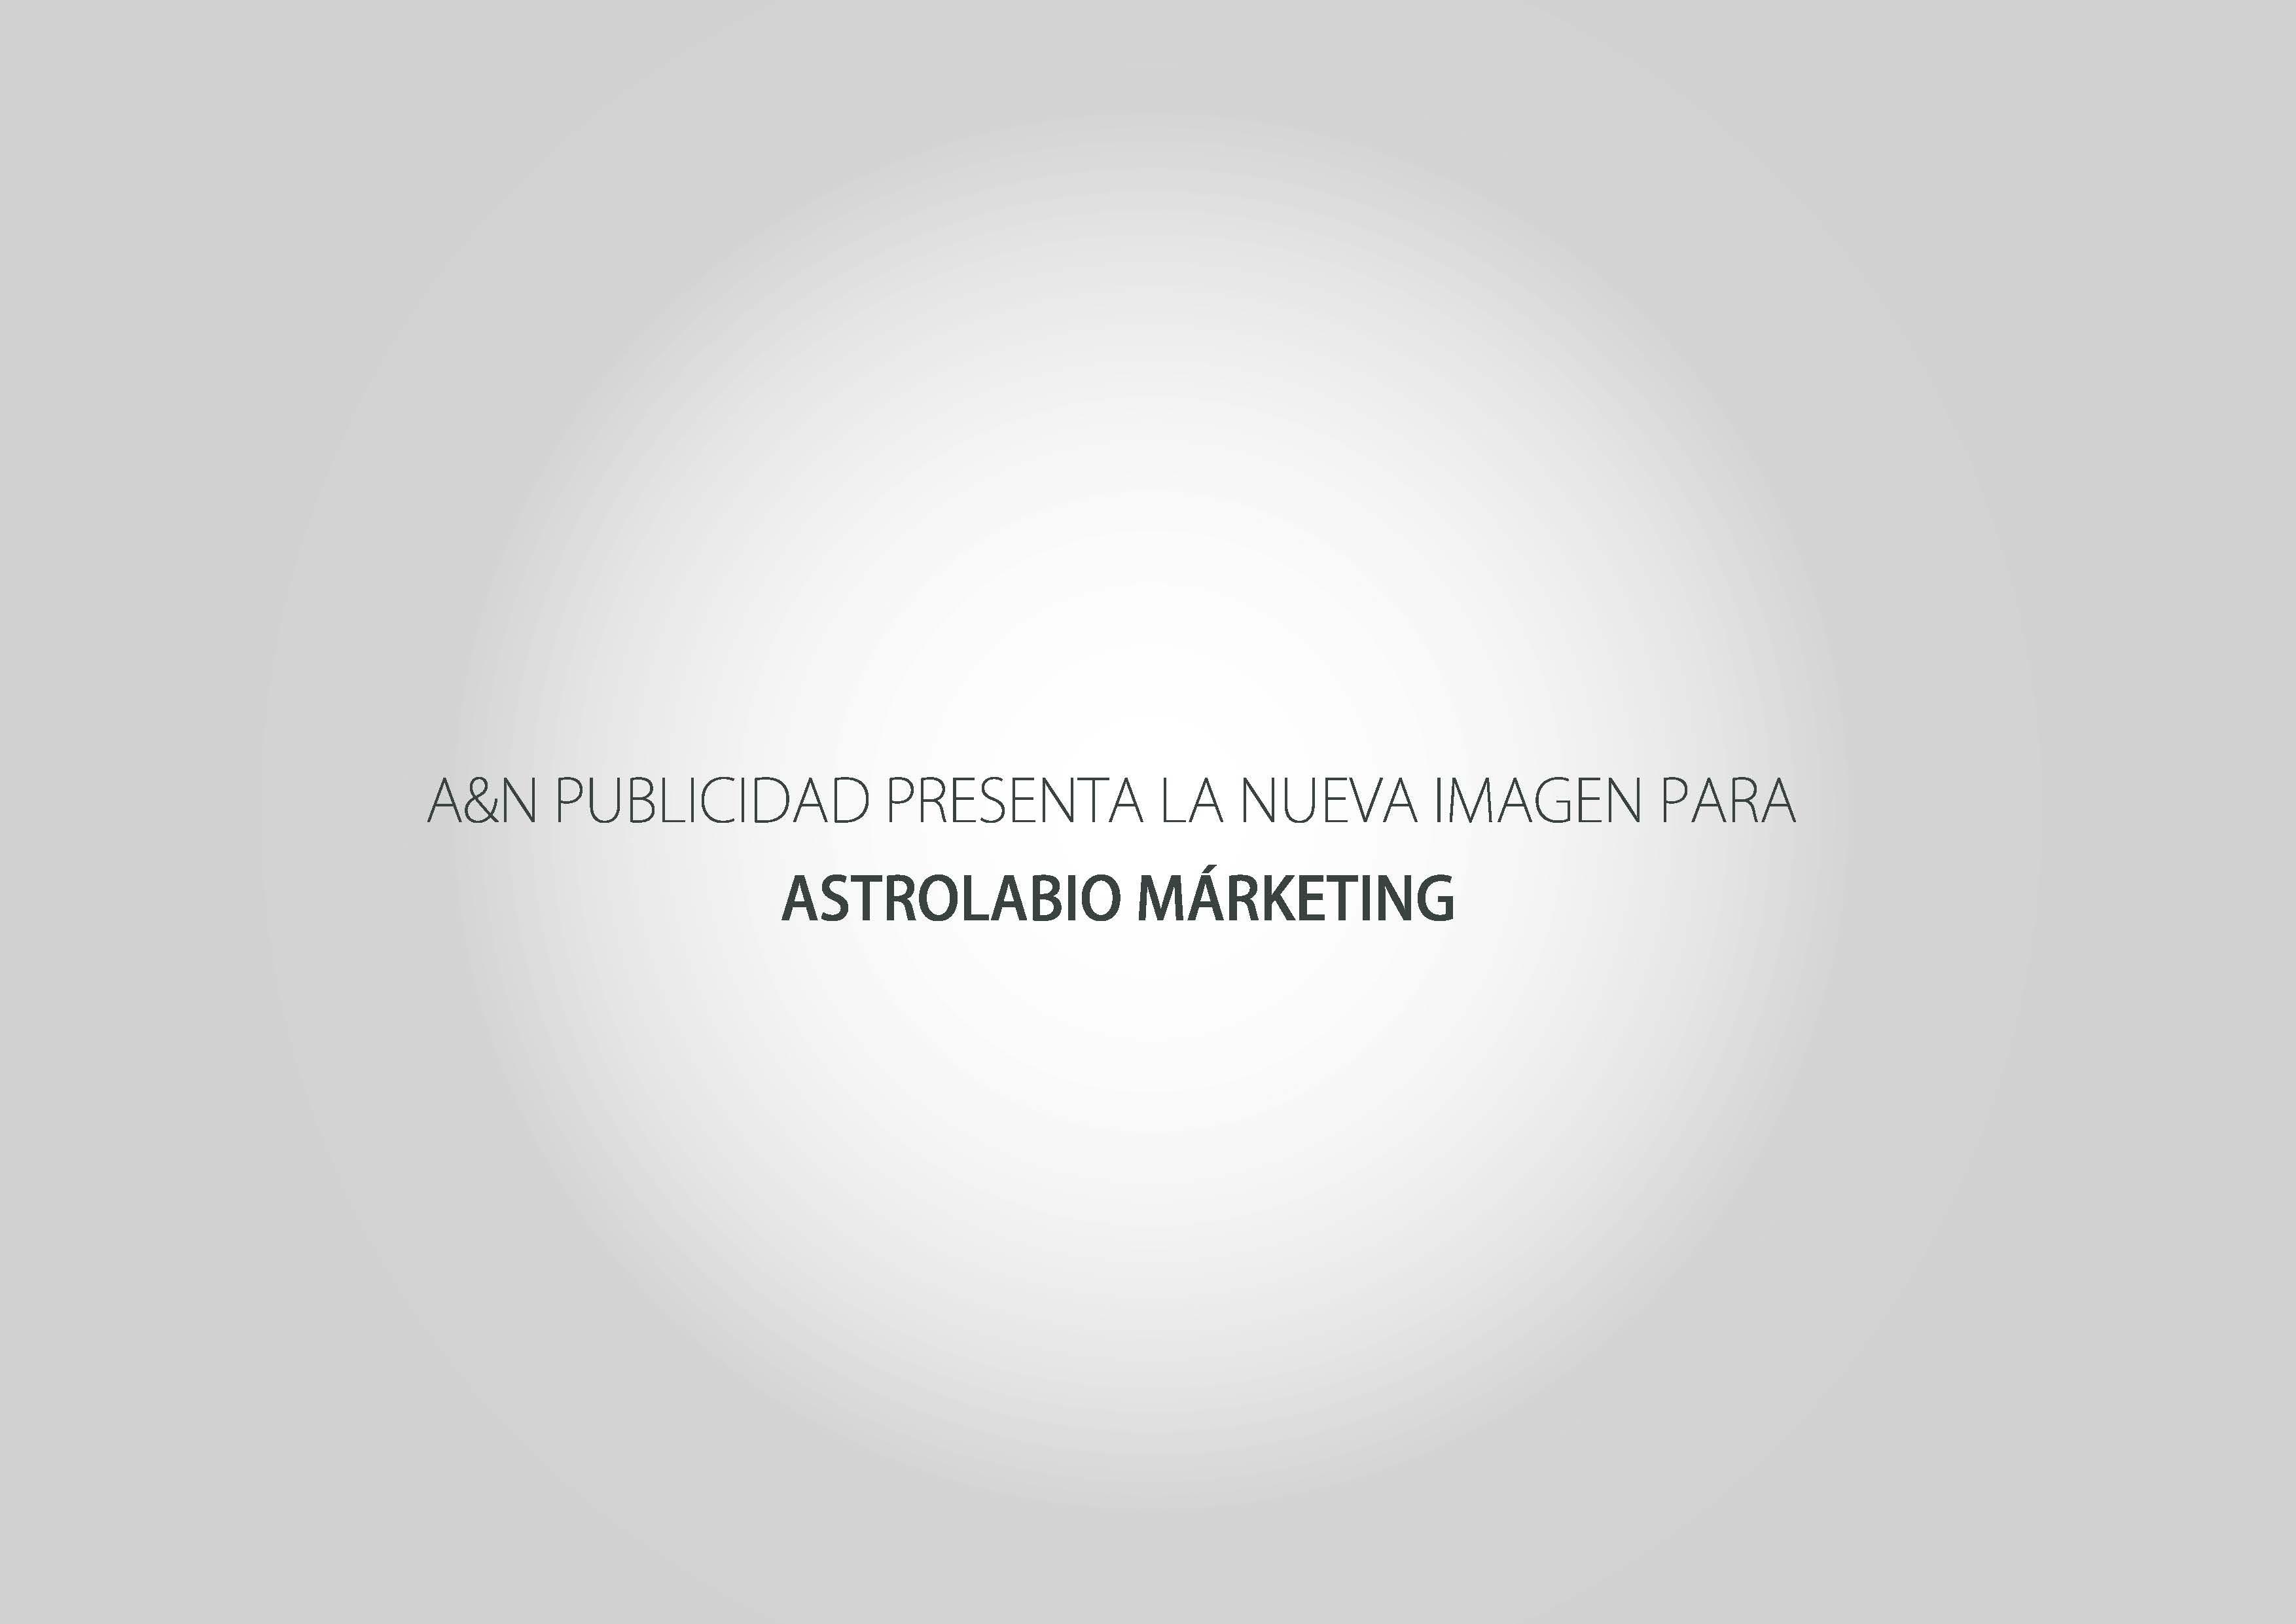 an_publicidad_diseño_imagen_astrolabio_1